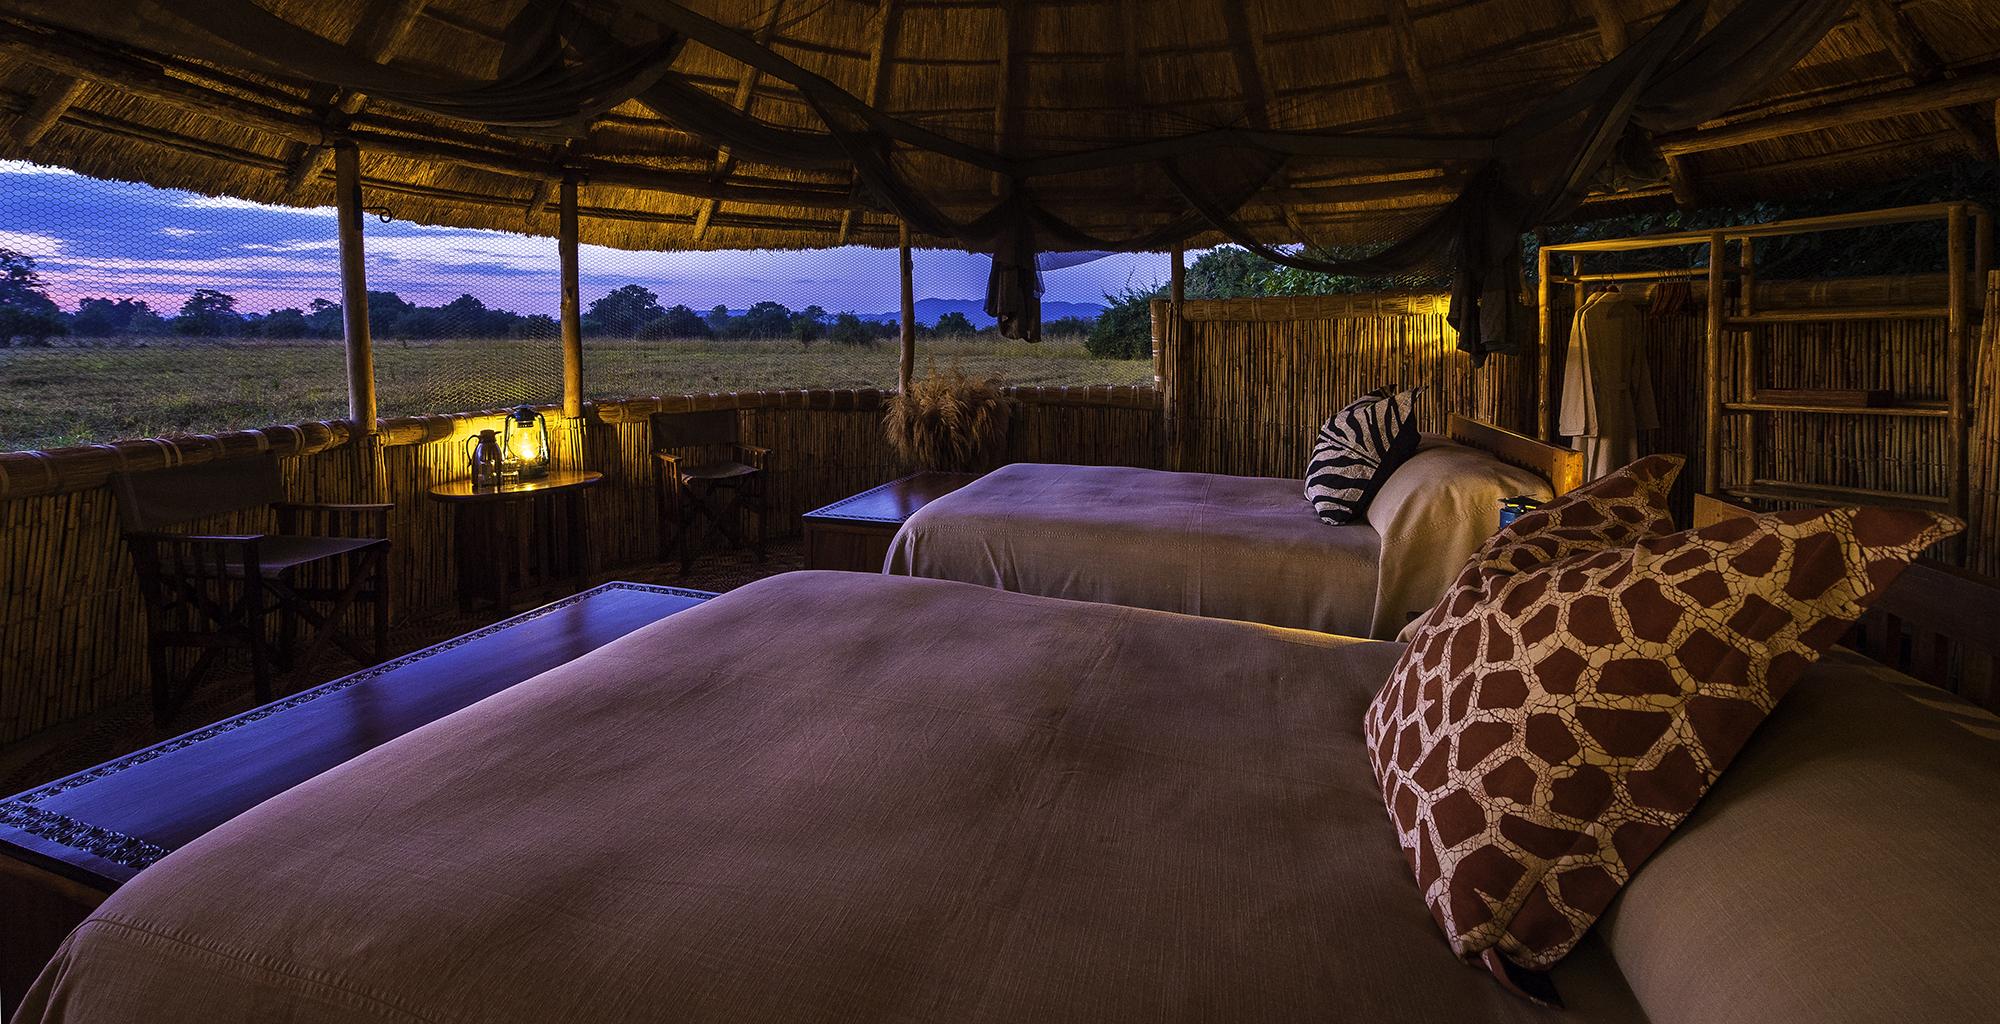 Zambia-Kuyenda-Bedroom